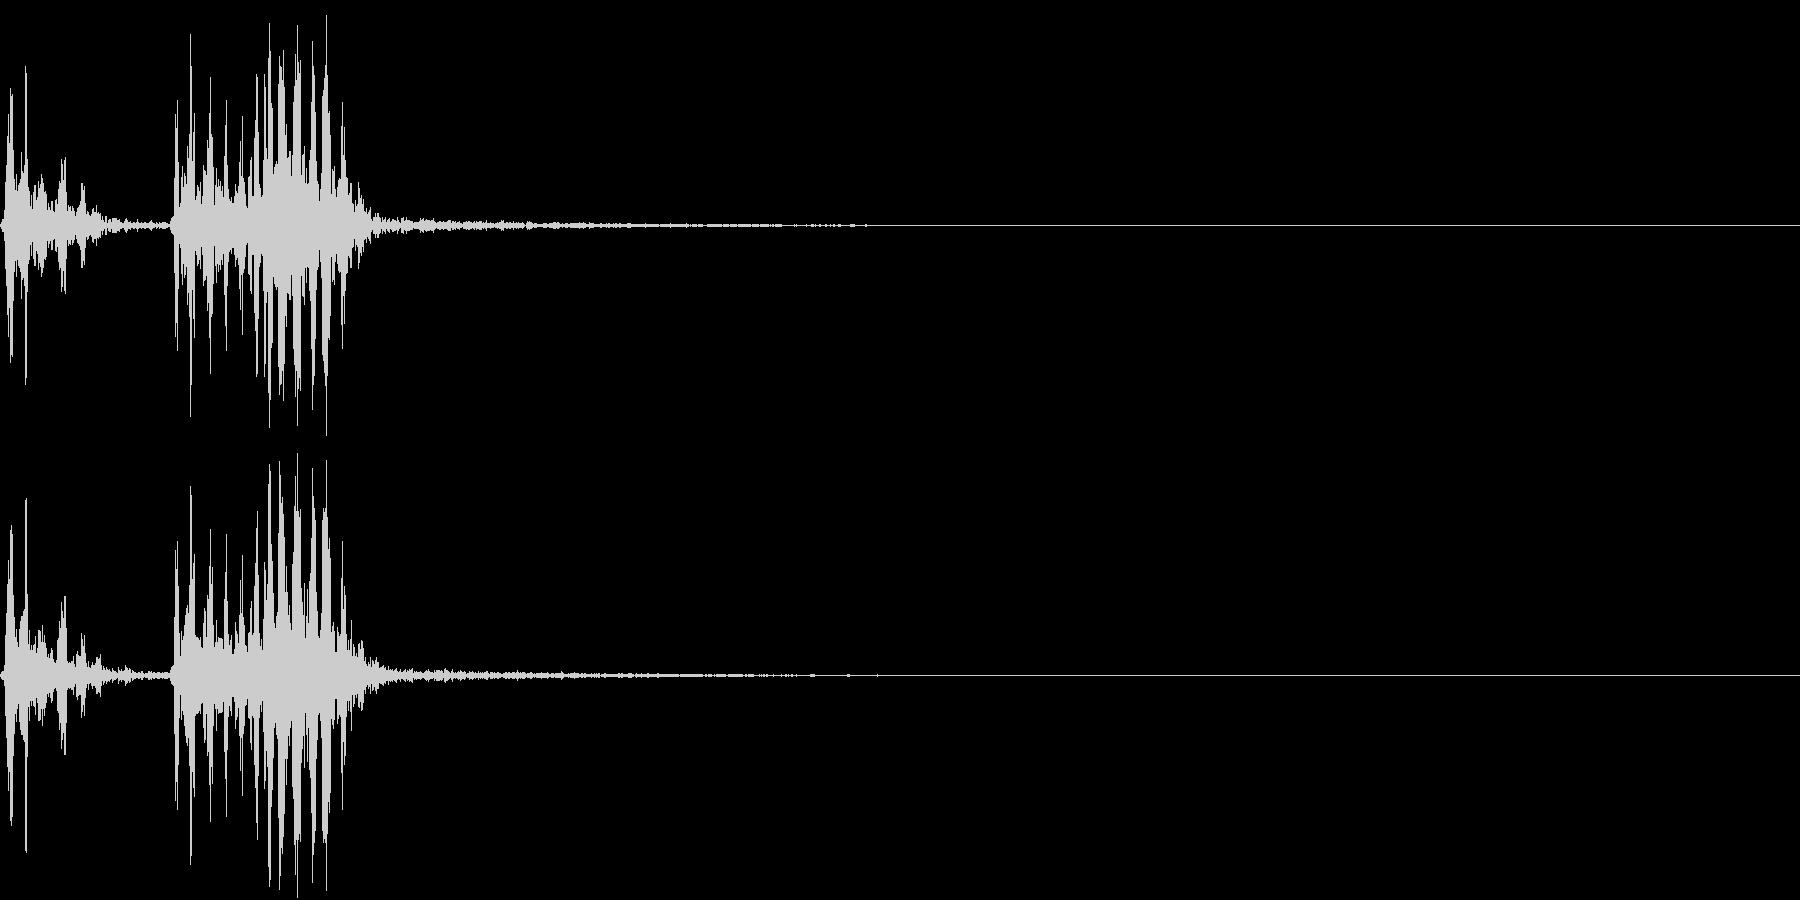 【生録音】フラミンゴの鳴き声 11の未再生の波形